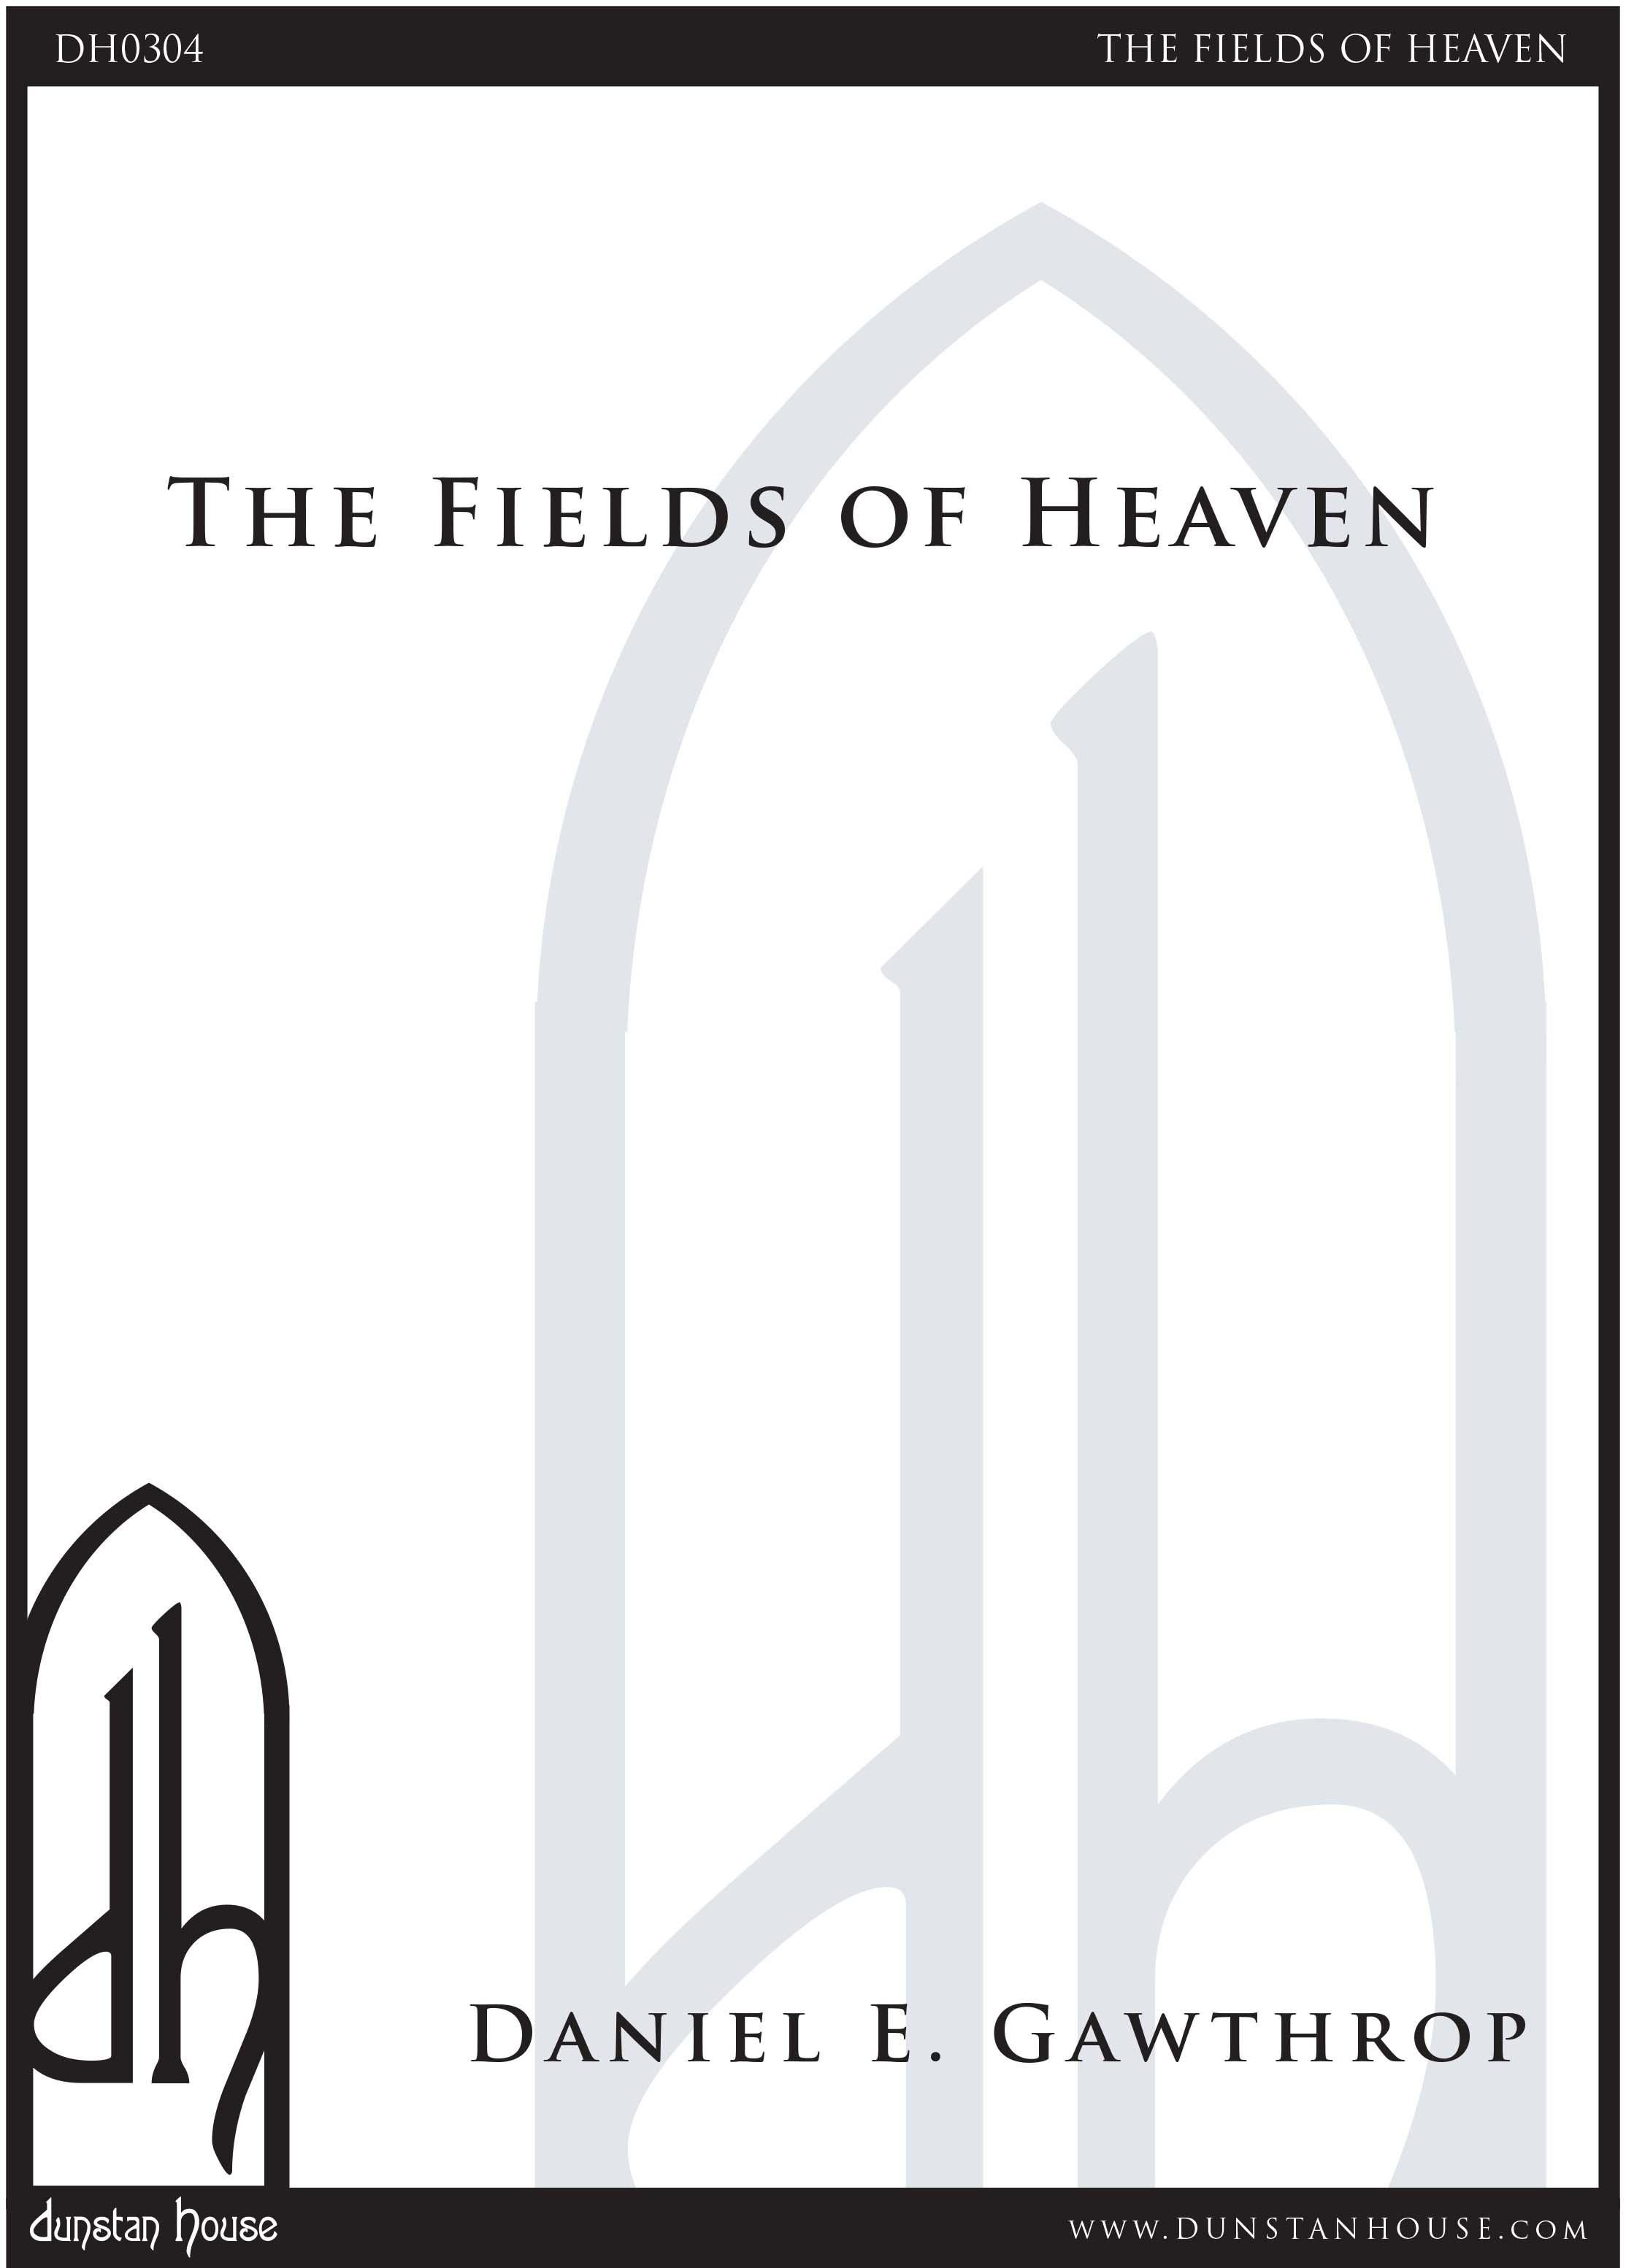 The Fields of Heaven